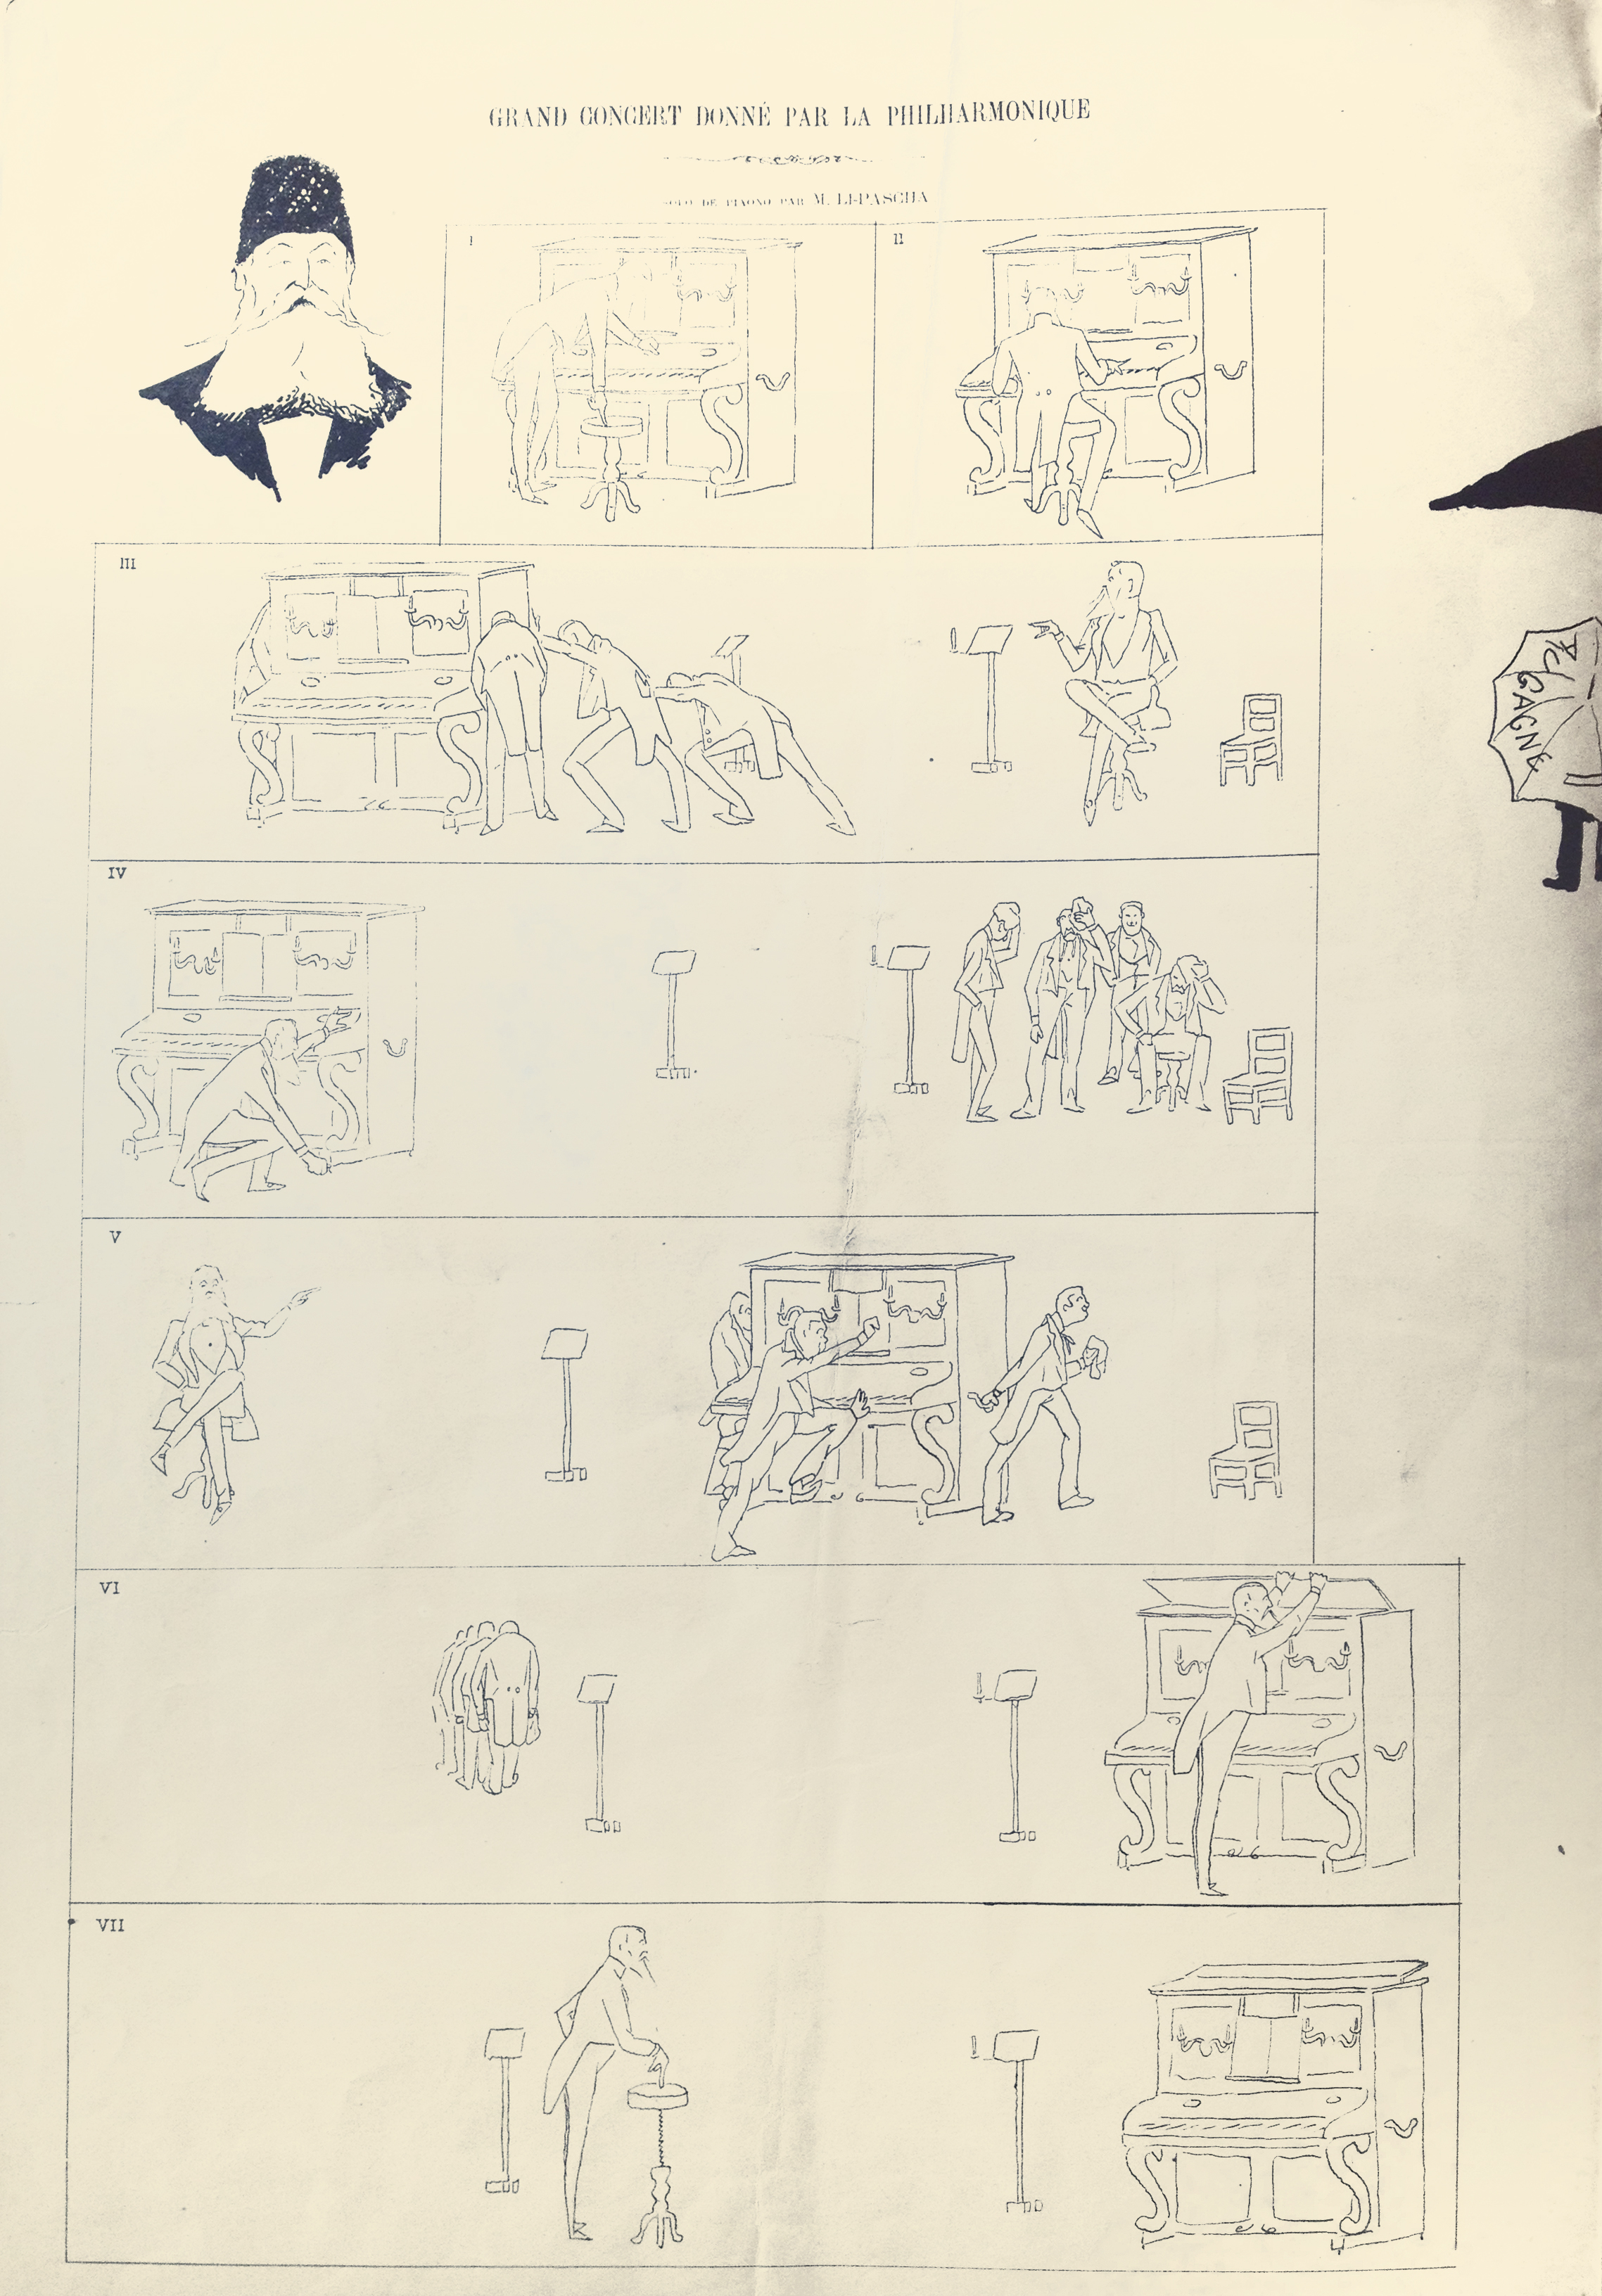 Sem Goursat Album 2 - Page n.6